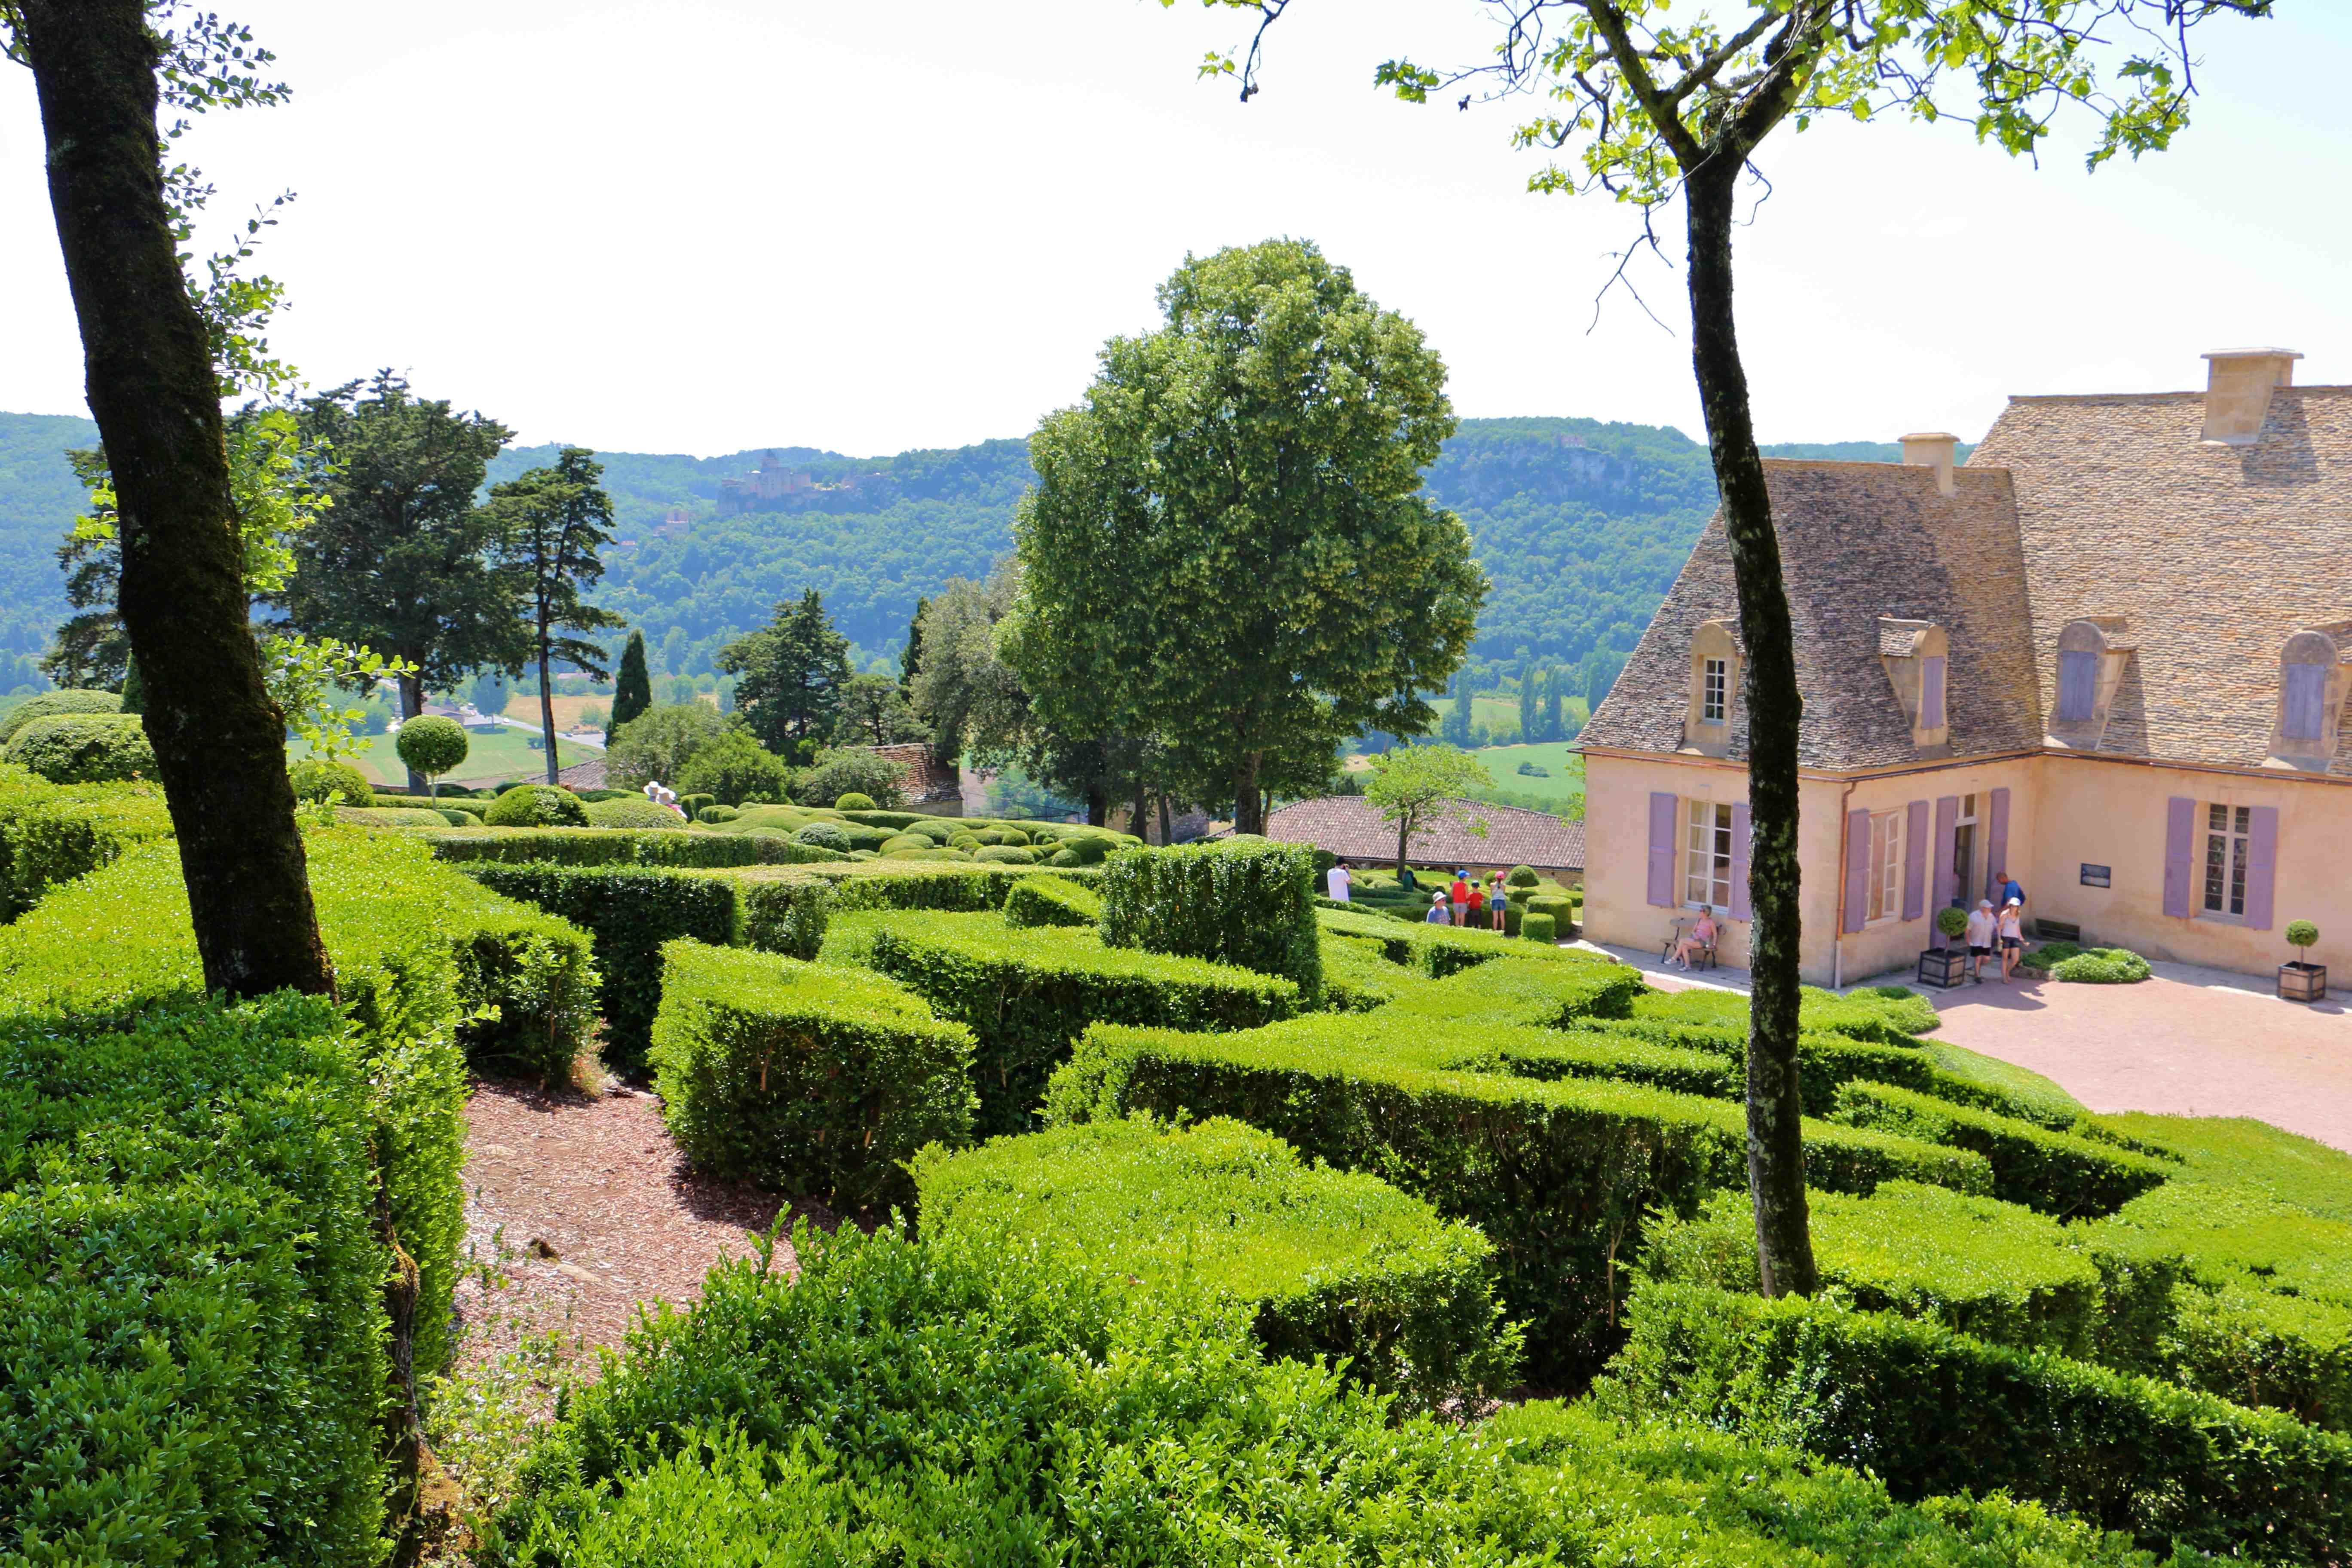 Photo v zac 24220 les jardins suspendus de marqueyssac v zac 237402 - Jardins suspendus de marqueyssac ...